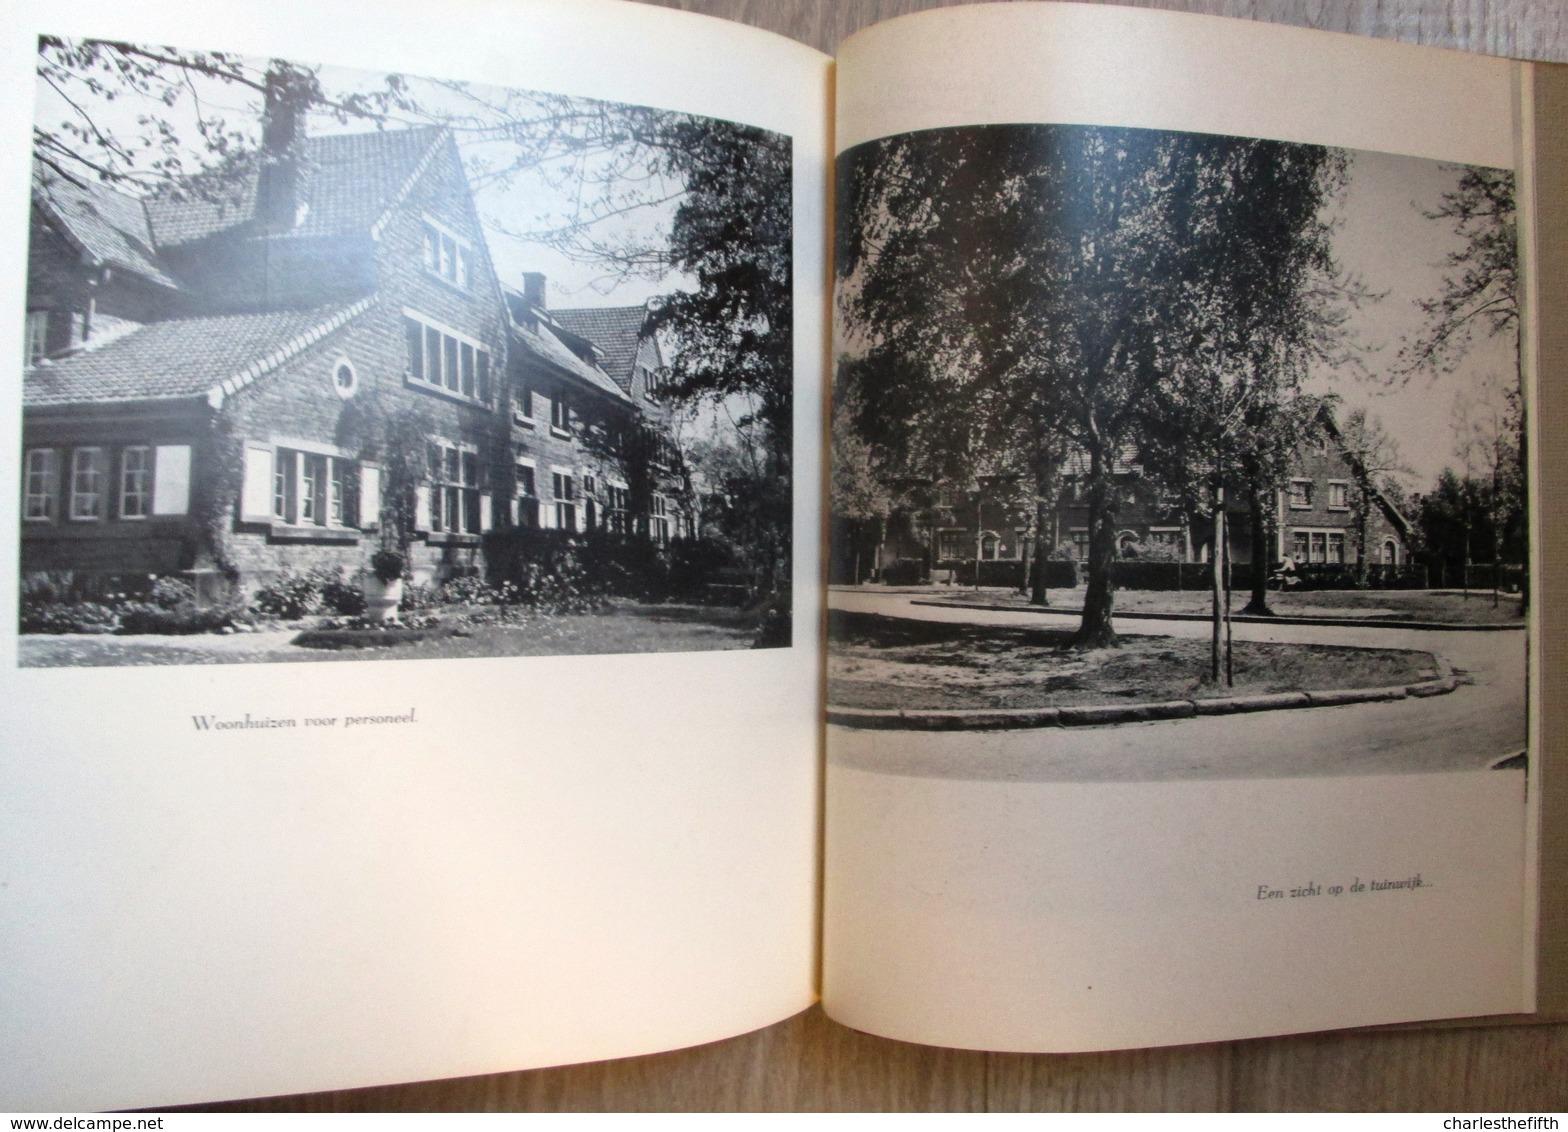 ZEER ZELDZAAM - HULDE UITGAVE ** KOLENMIJNEN ANDRE DUMONT ** WATERSCHEI 1907-1957 - MINE DE CHARBON - COAL MINE - Boeken, Tijdschriften, Stripverhalen